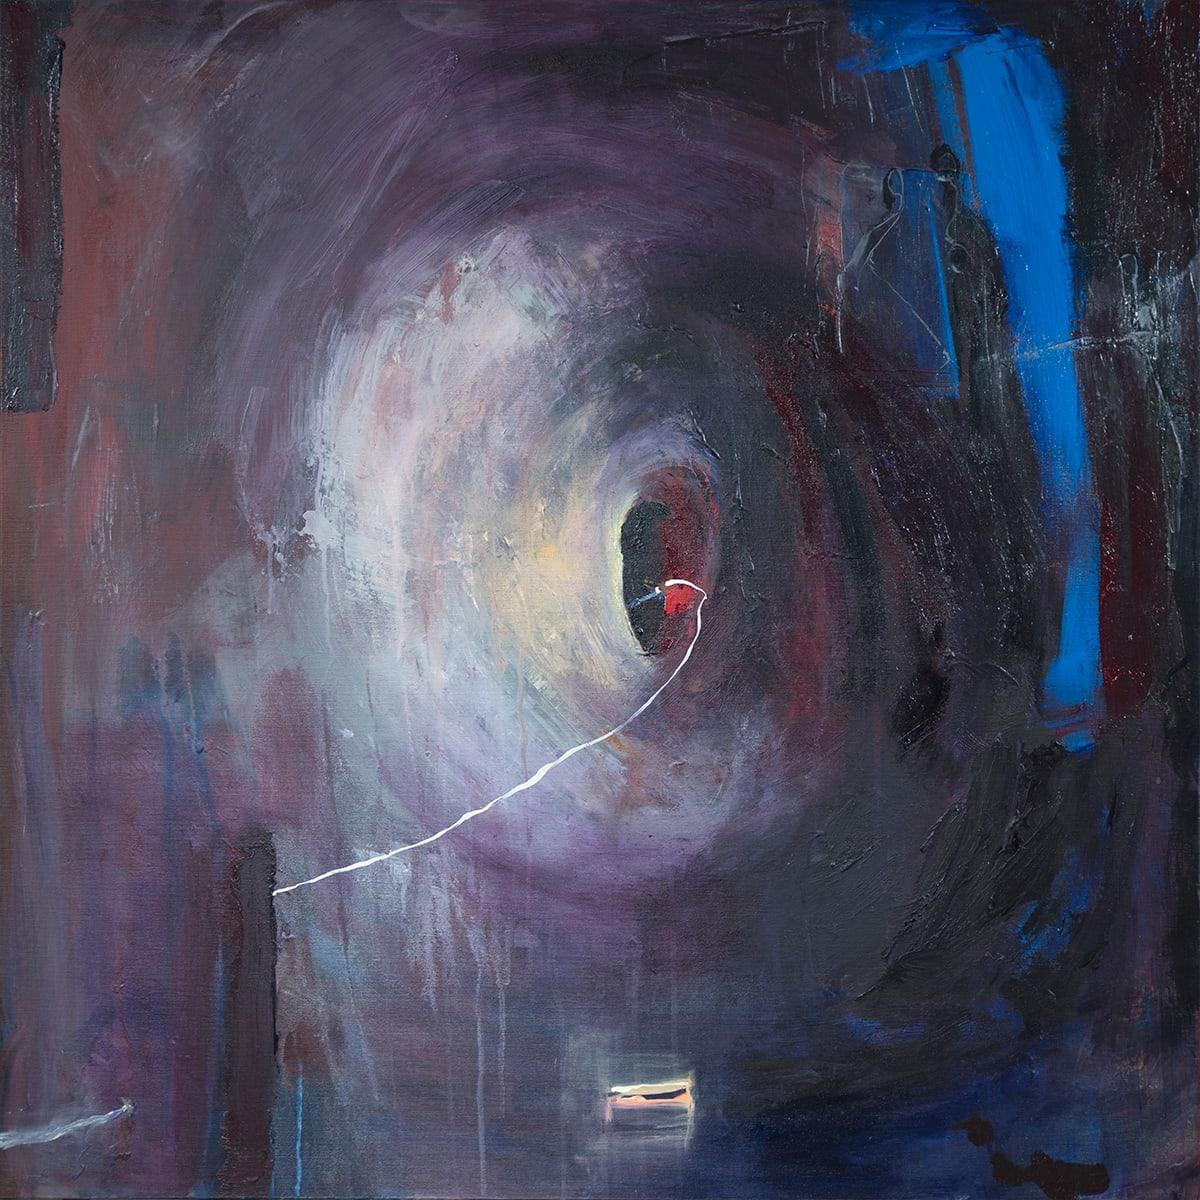 beyond the blue door by bert leveille